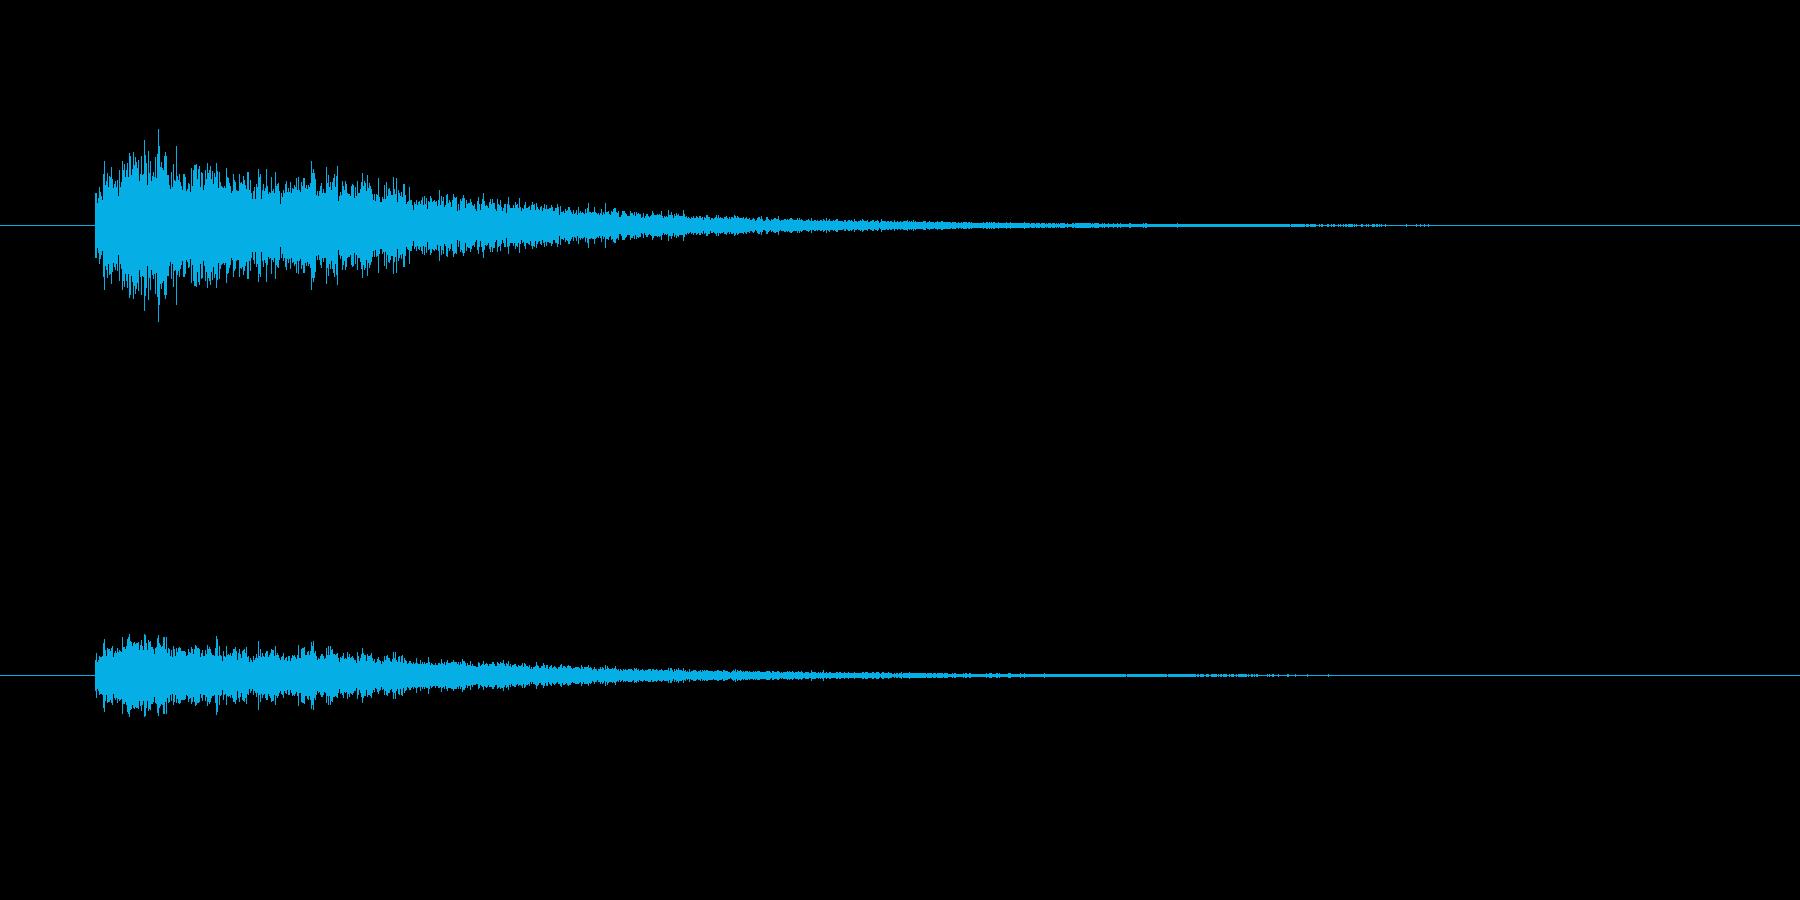 「シャーン」という優しめに叩いたシンバルの再生済みの波形